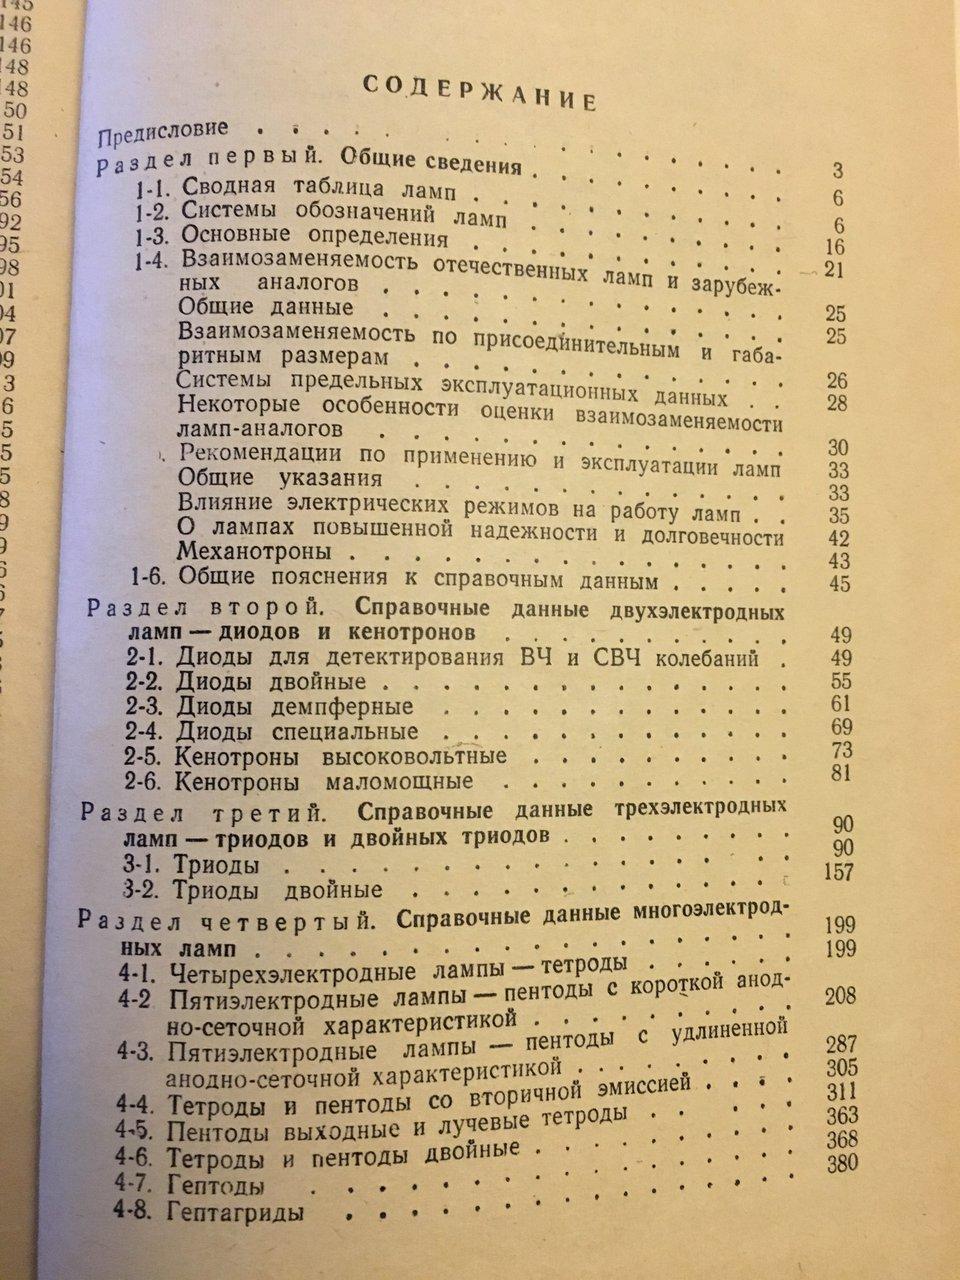 Книги по ламповой тематике